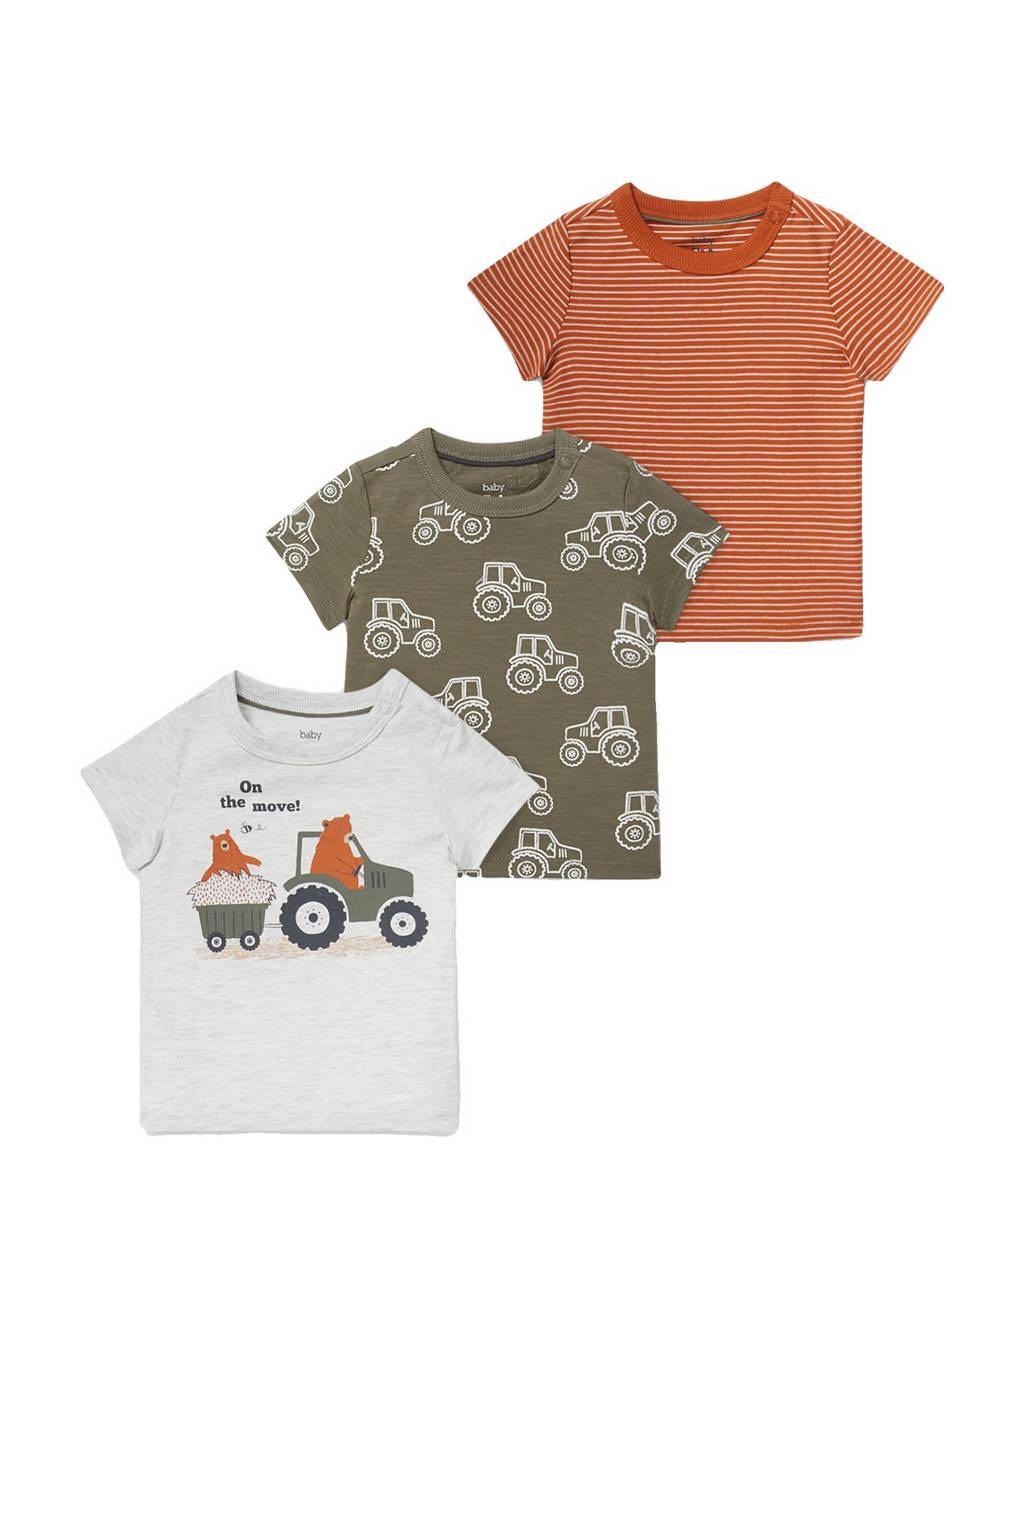 C&A Baby Club T-shirt - set van 3 ecru/groen/oranje, Ecru/groen/oranje